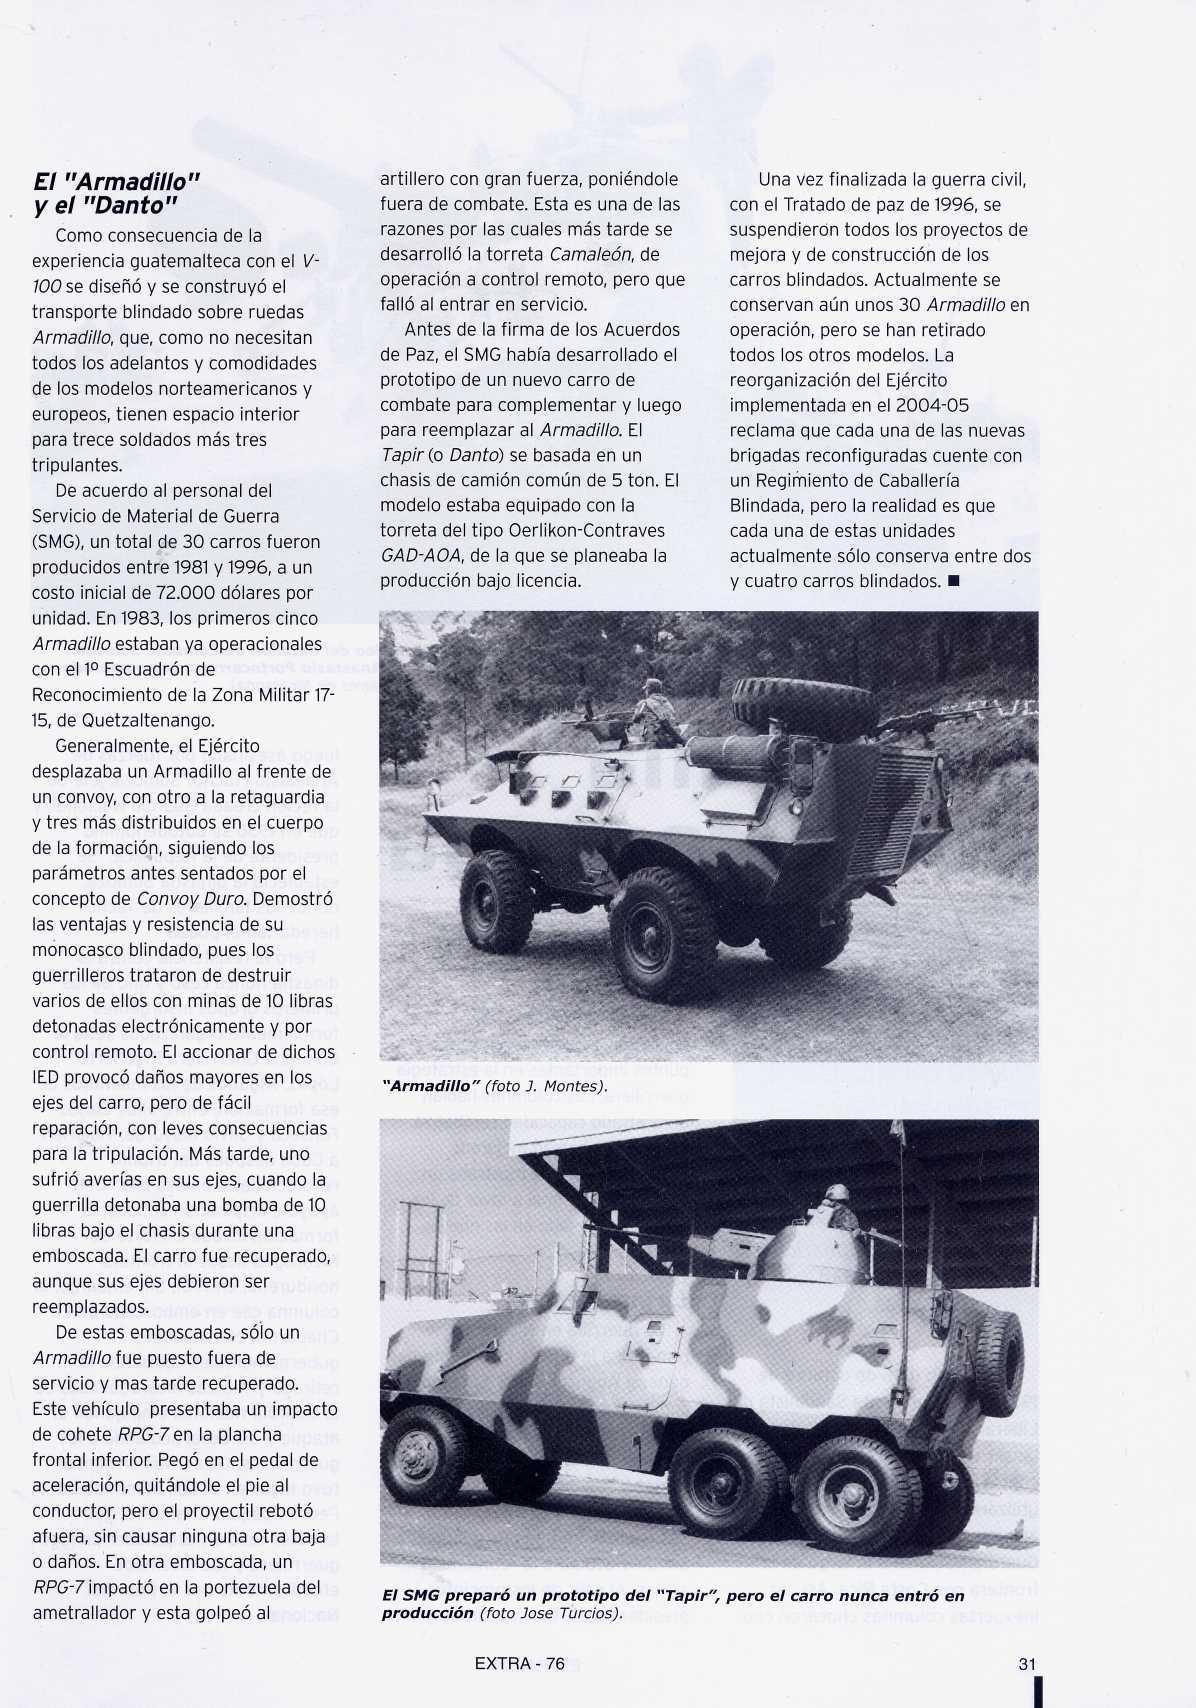 Fuerzas Armadas de Guatemala - Página 5 ARMADILLO_UN_334